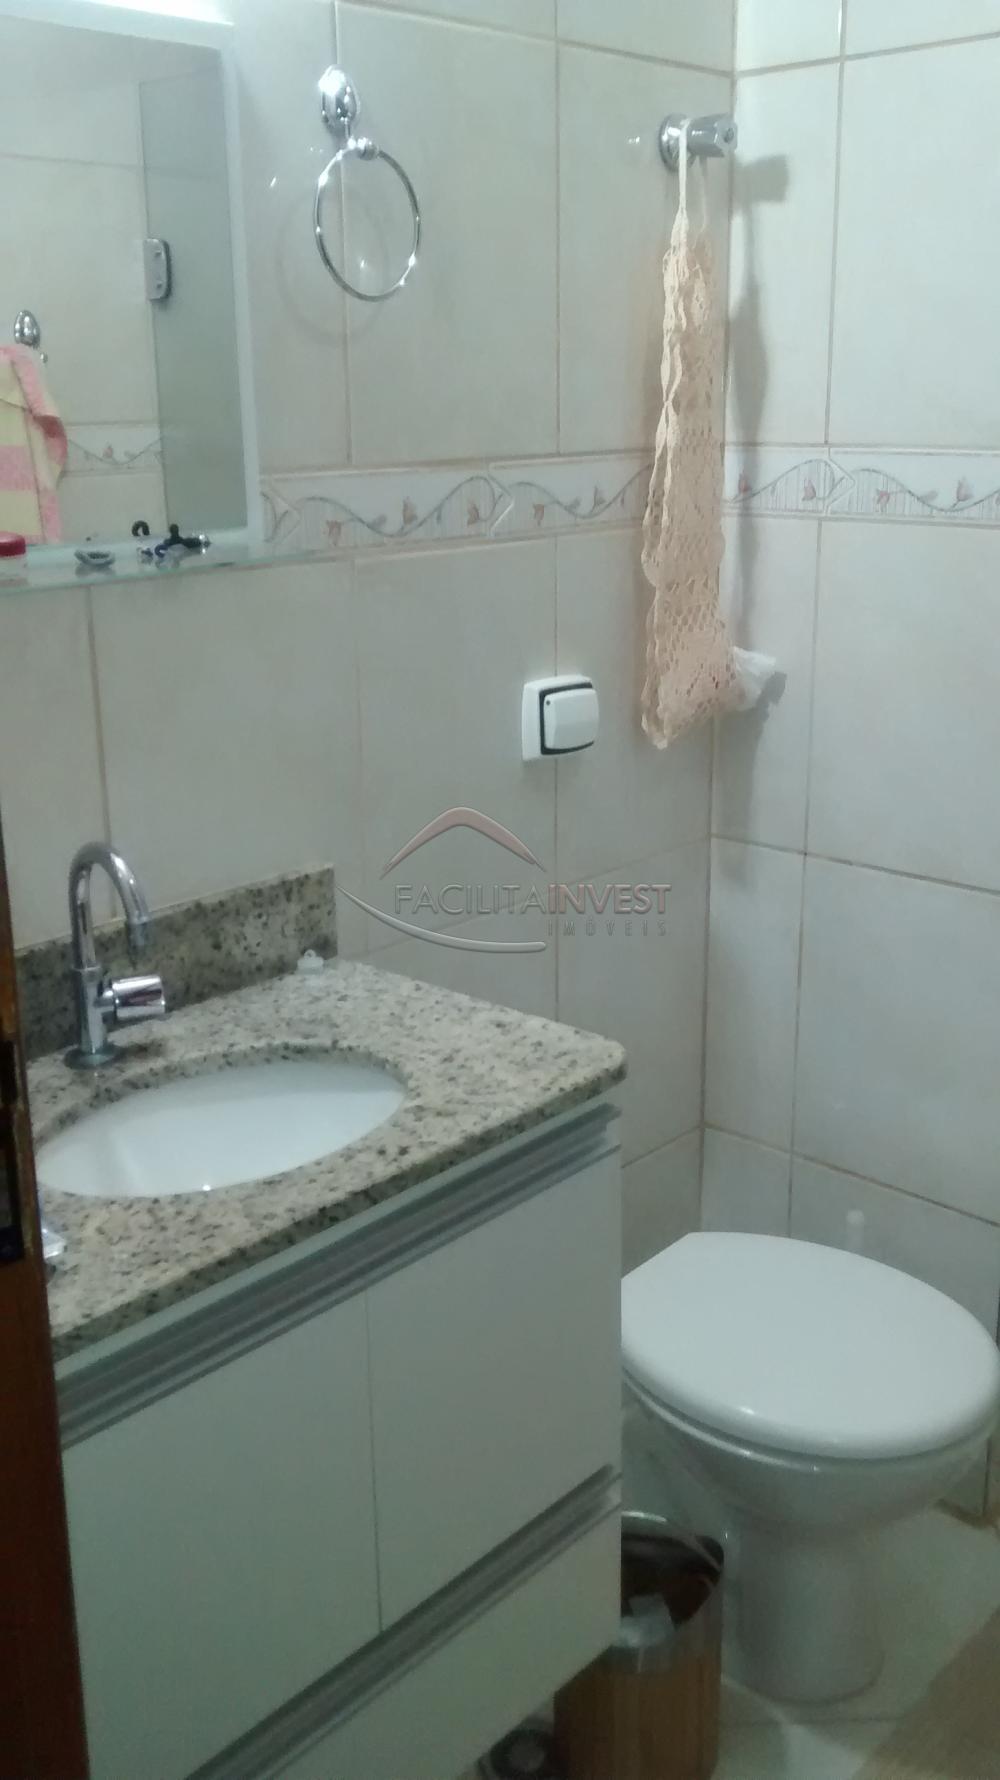 Comprar Apartamentos / Apartamento Mobiliado em Ribeirão Preto apenas R$ 250.000,00 - Foto 3